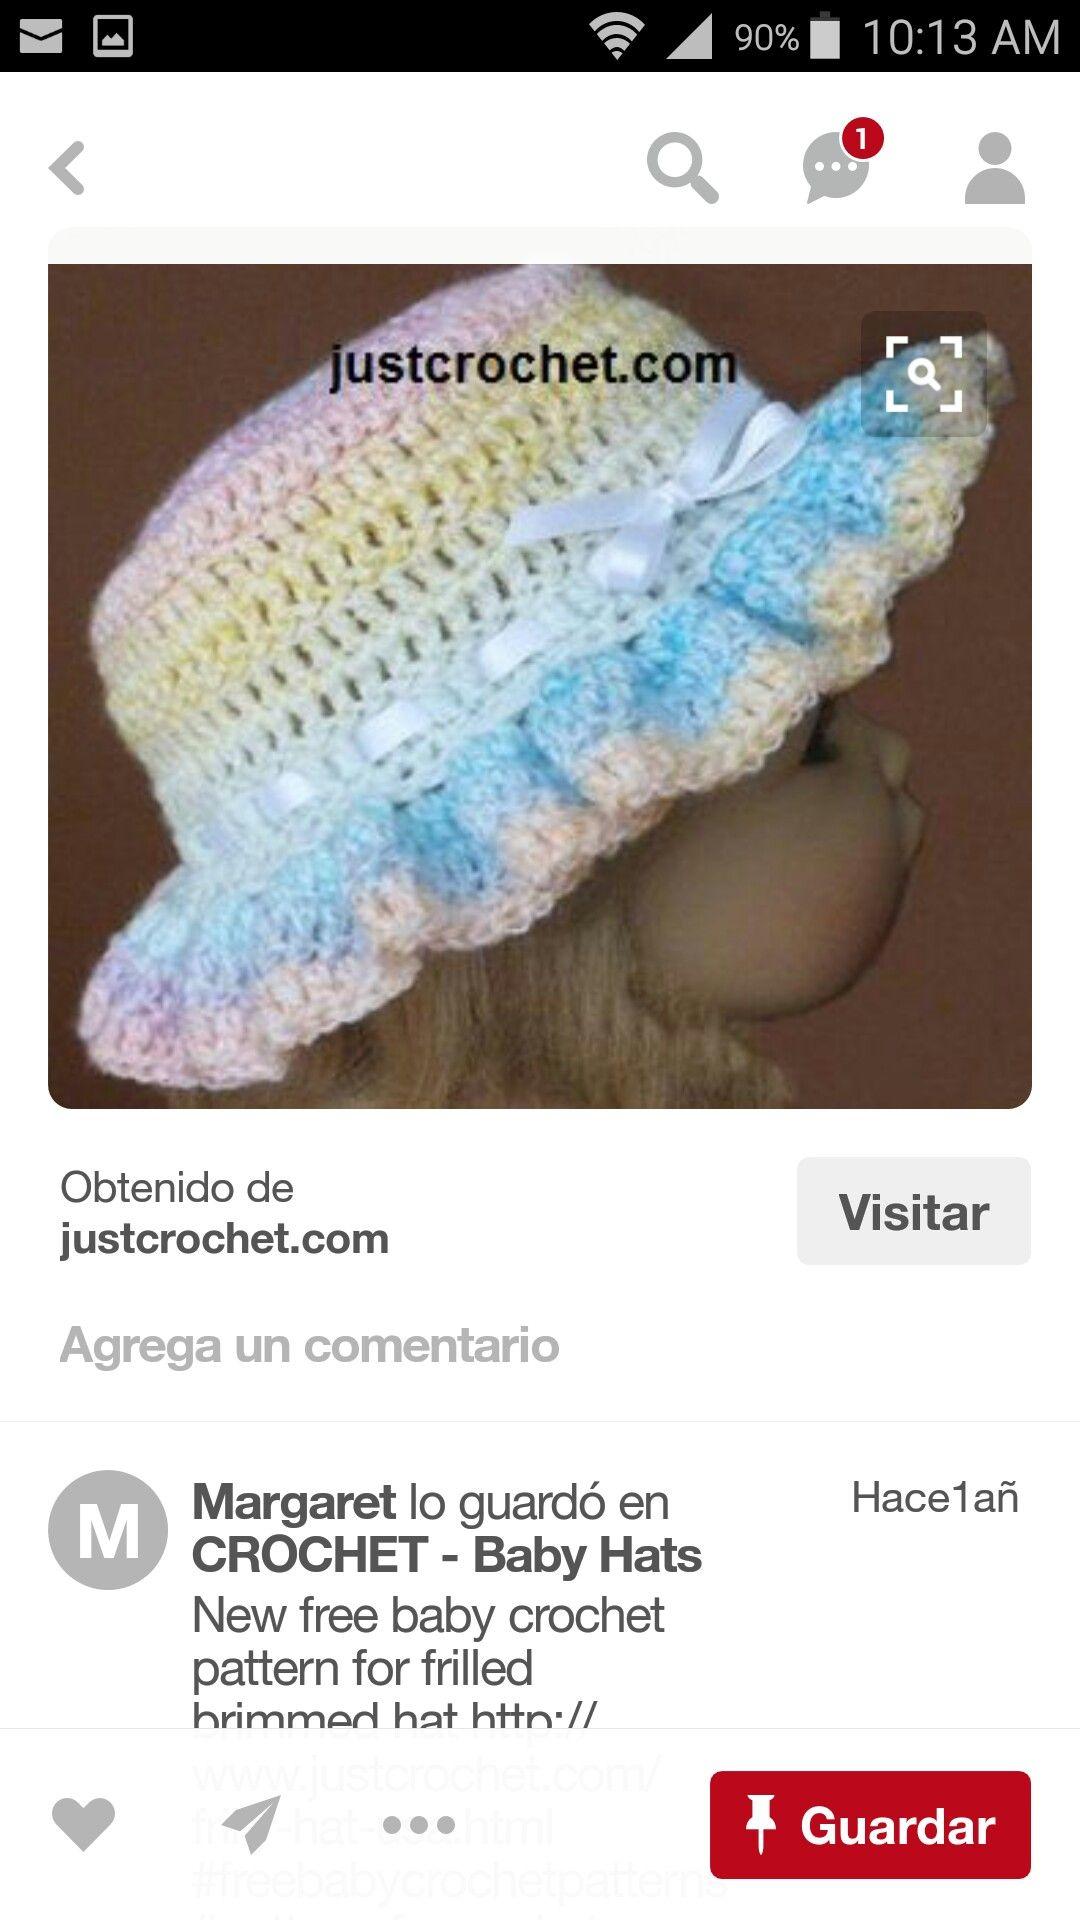 Famoso Patrón De Tejer Sombrero Subordinados Imagen - Manta de Tejer ...